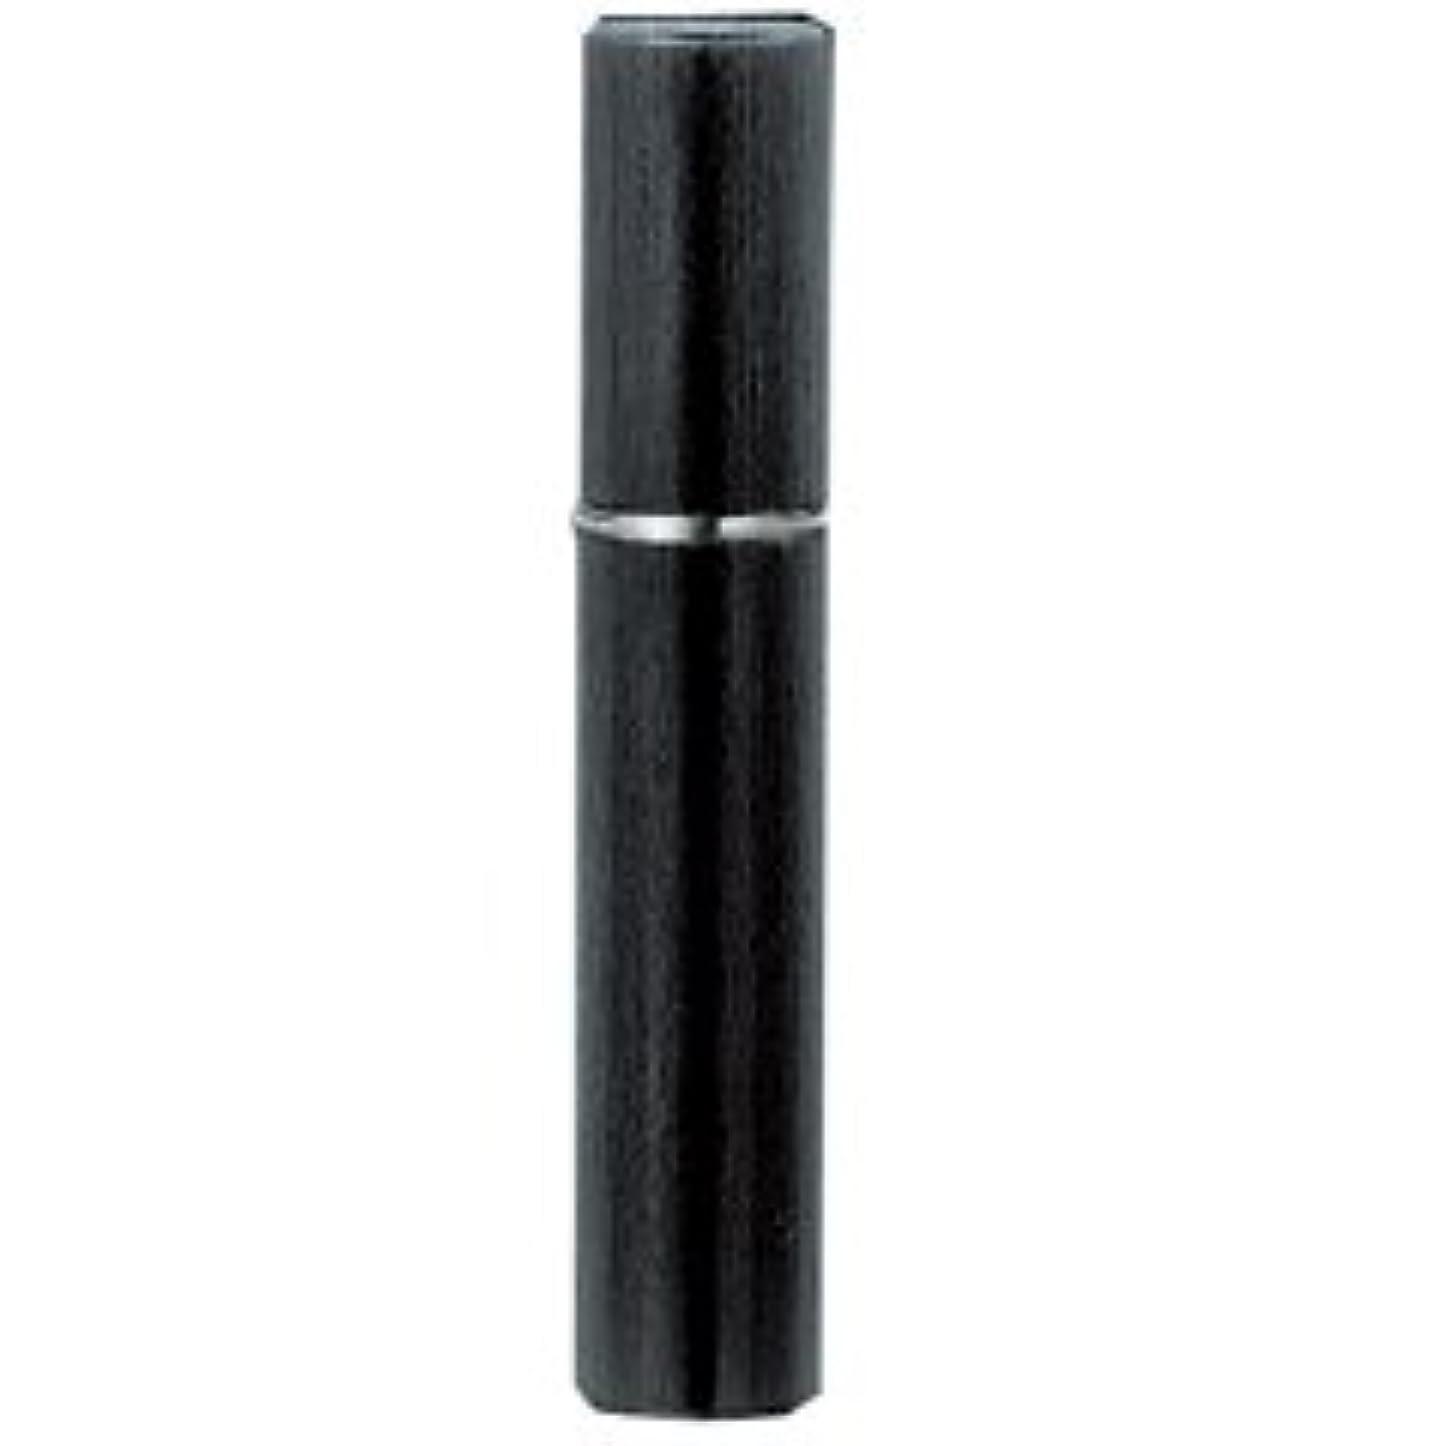 フレア複雑な残酷な【ヤマダアトマイザー】メタルアトマイザー メタルポンプ 18118 15mm径 ヘアライン BK ブラック 3.5ml